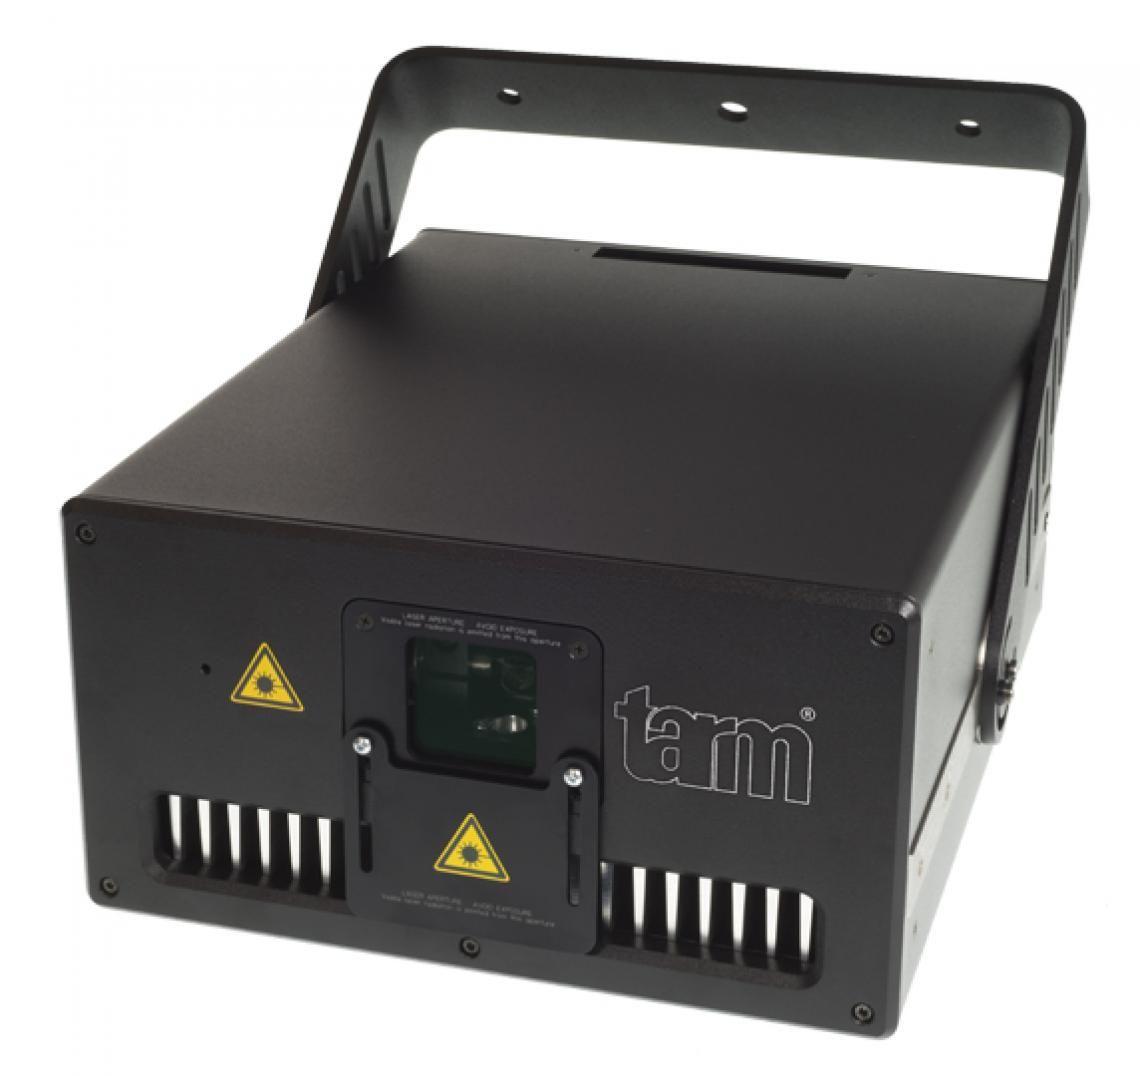 tarm seven - Diodenlaser mit Browser-Interface zur einfachen Ansteuerung Der neue tarm seven ist ein kompakter Diodenlaser mit analoger Modulation, der über ILDA angesteuert werden kann. Zudem verfügt er über ein Browser-Interface, das es ermöglicht, den Showlaser mittels LAN / W-LAN zu konfigurieren. Dies ist mit jedem Gerät, das über einen Webbrowser verfügt, möglich. Einfach das Smarthpne zur Hand nehmen und Farbbalance, Scanning-Parameter, Sicherheitseinstellungen, etc. konfigurieren. 6'700 mW garantierte Leistung nach Optik gepaart mit einer Divergenz von nur 0.8 mrad sorgen für optimale Lasergrafiken und -Strahlen.